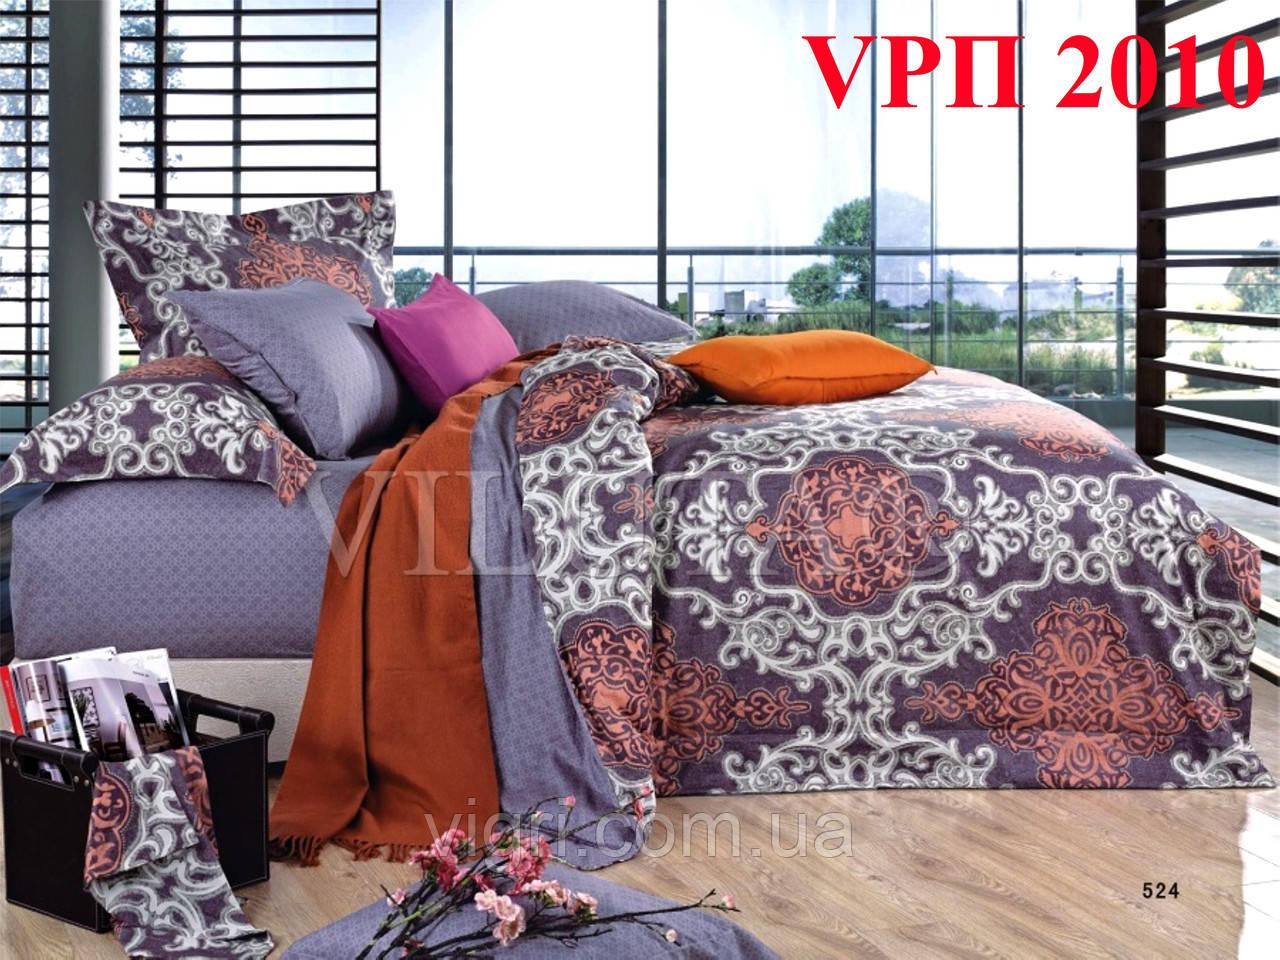 Постельное белье, семейный комплект Ранфорс-Платинум. VILUTA (Вилюта)  VРП 2010